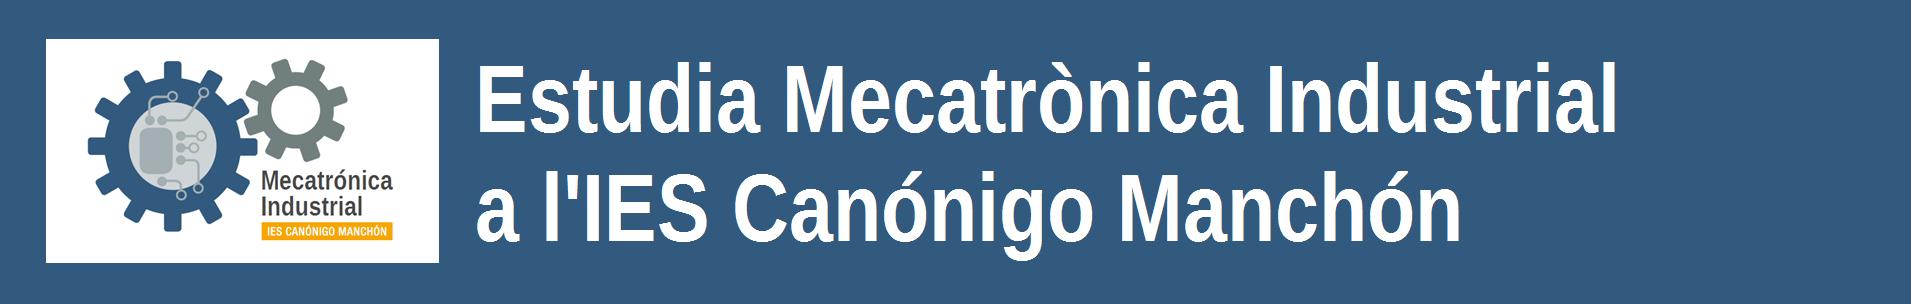 Estudia Mecatrónica Industrial en el IES Canónigo Manchón - Valenciano